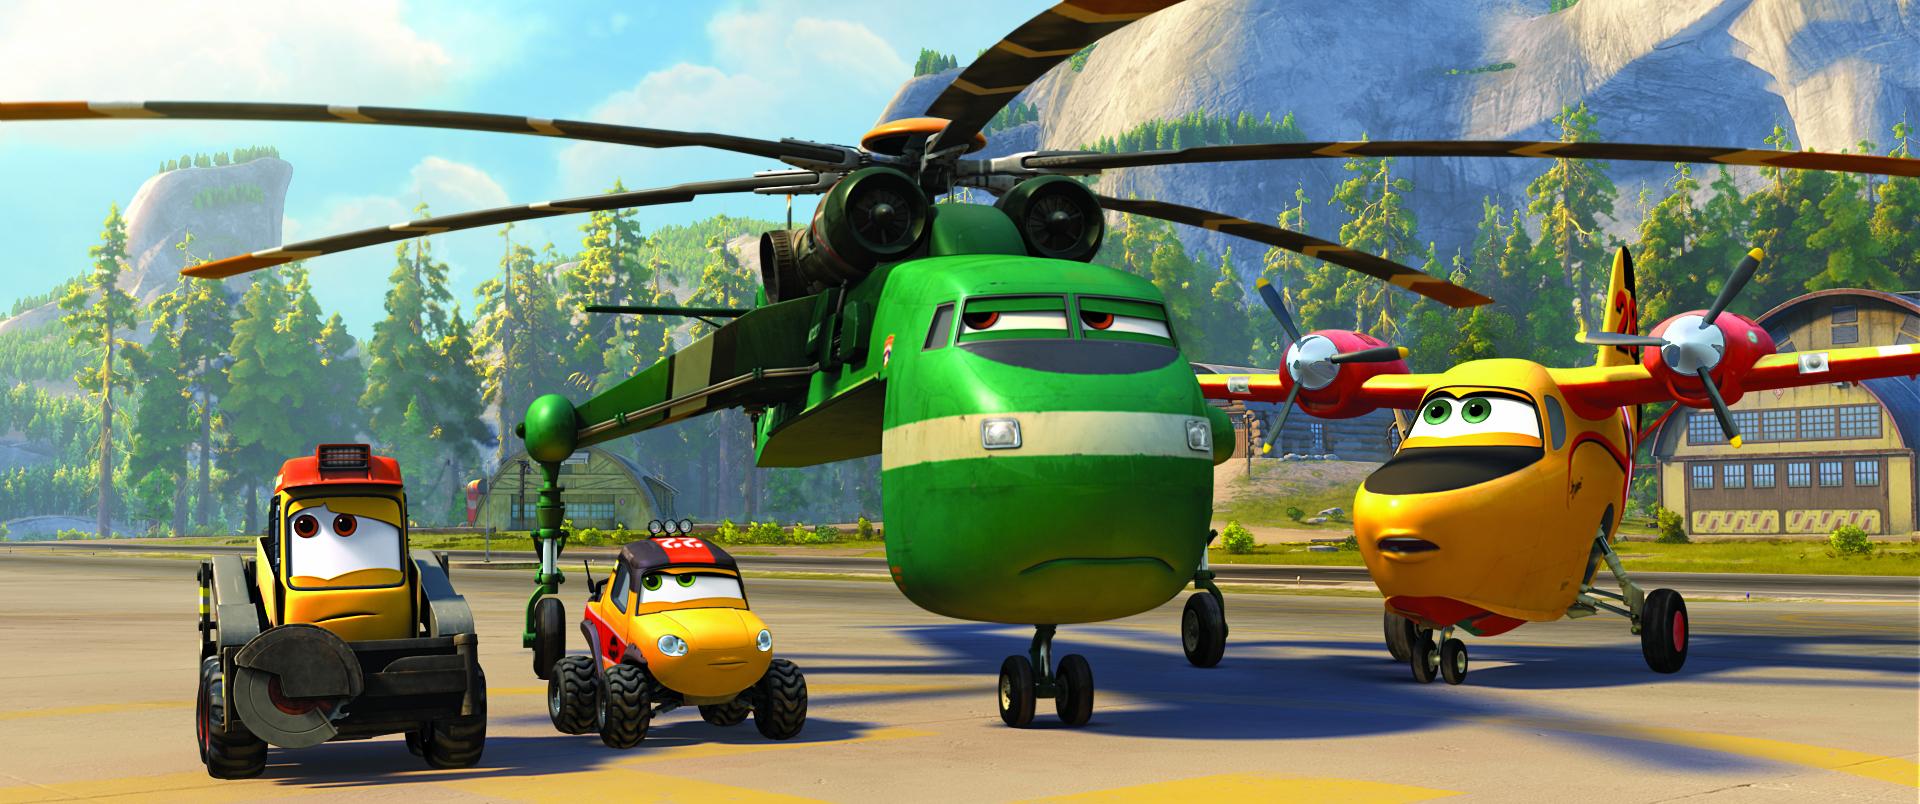 《飞机总动员2:救火大行动》